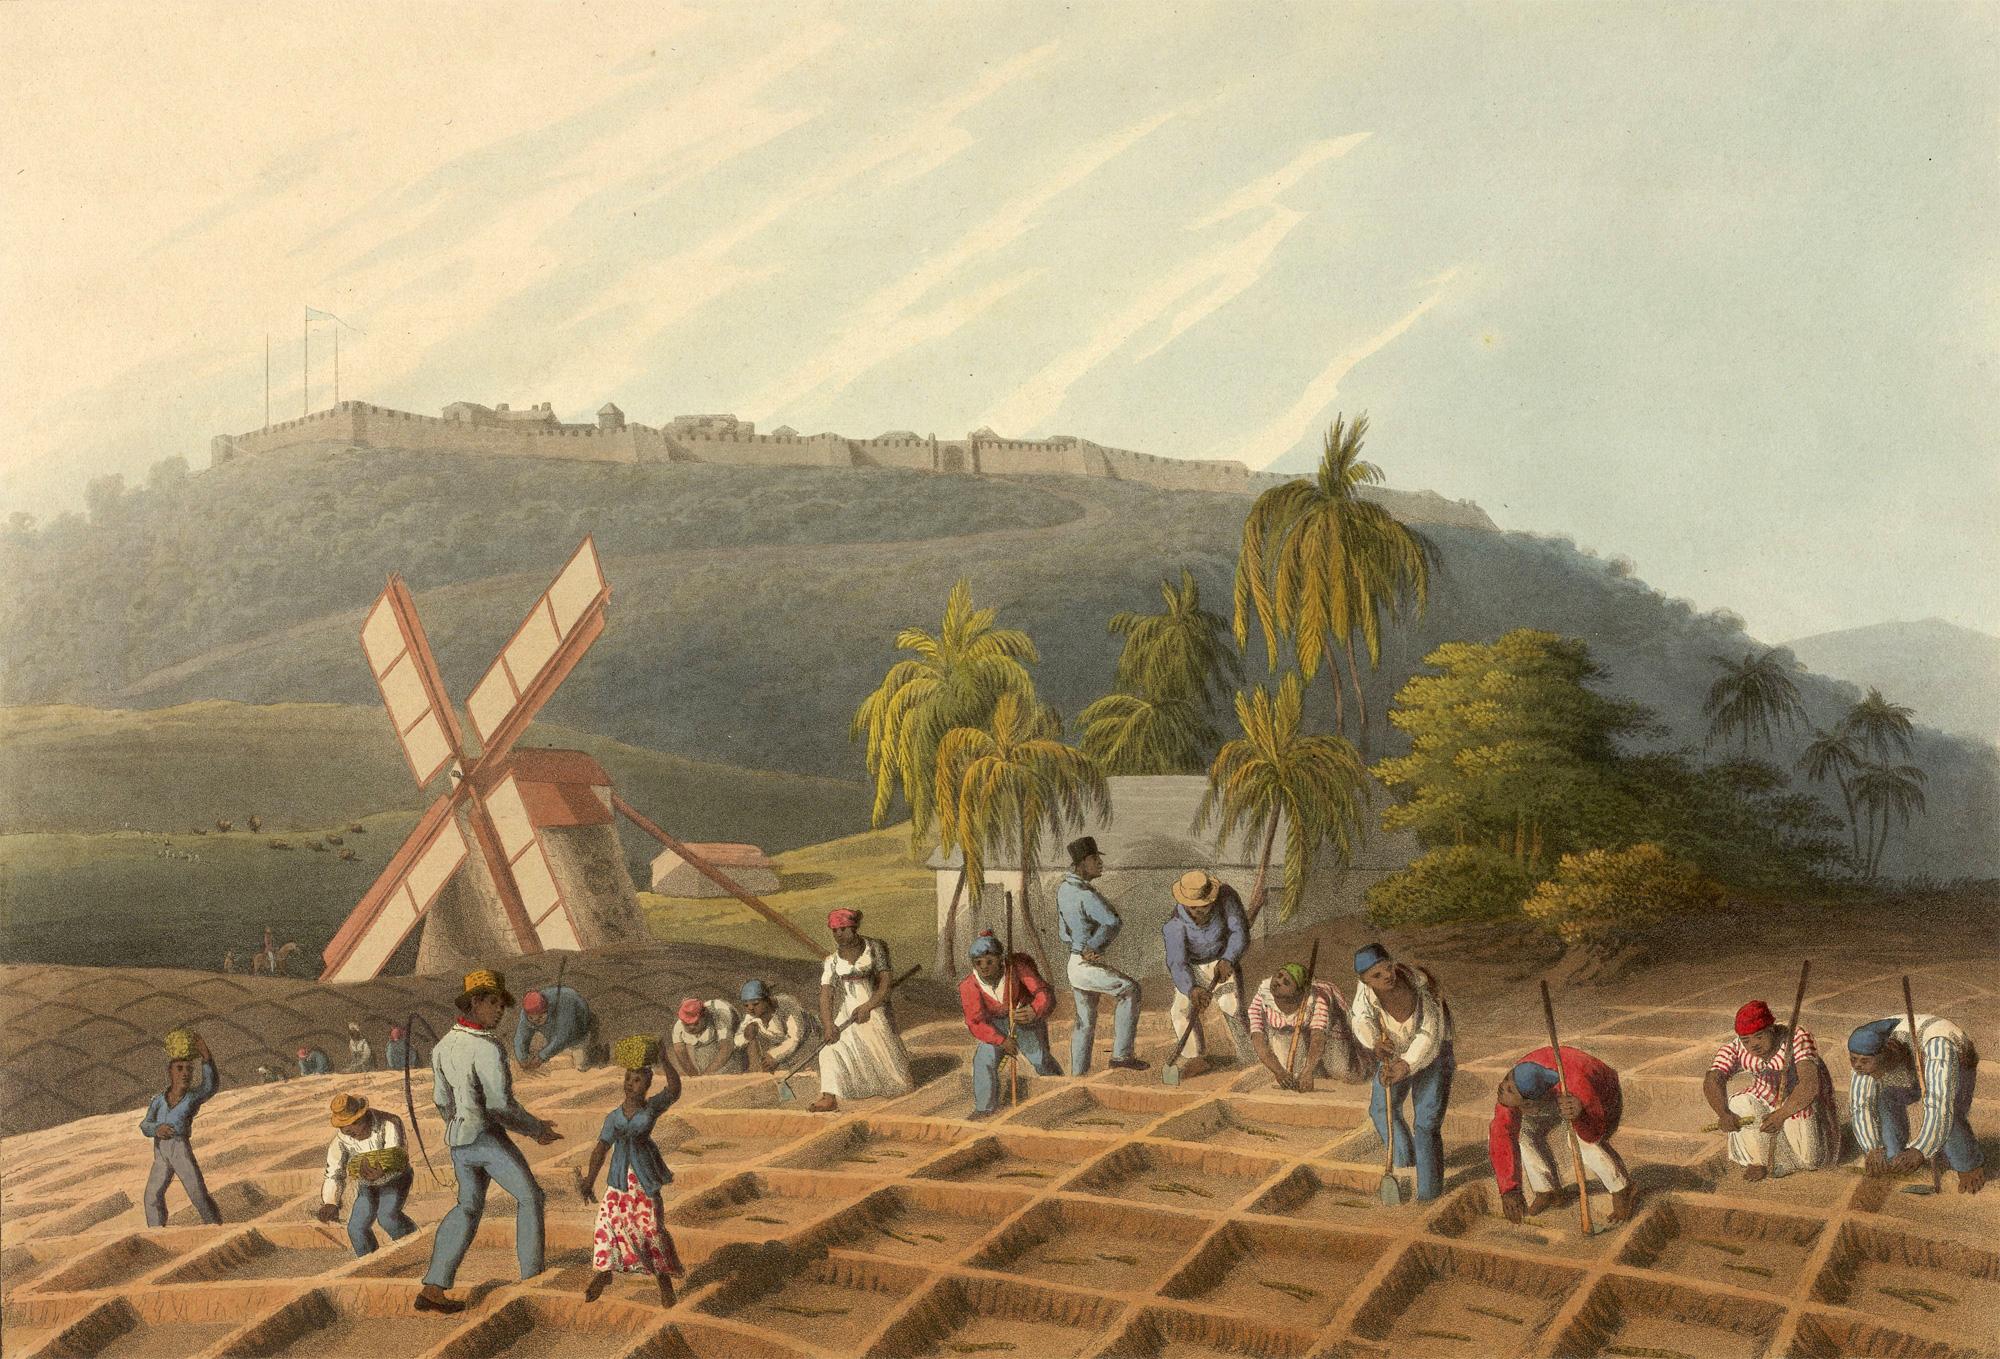 Prints depicting enslaved people producing sugar in Antigua, 1823